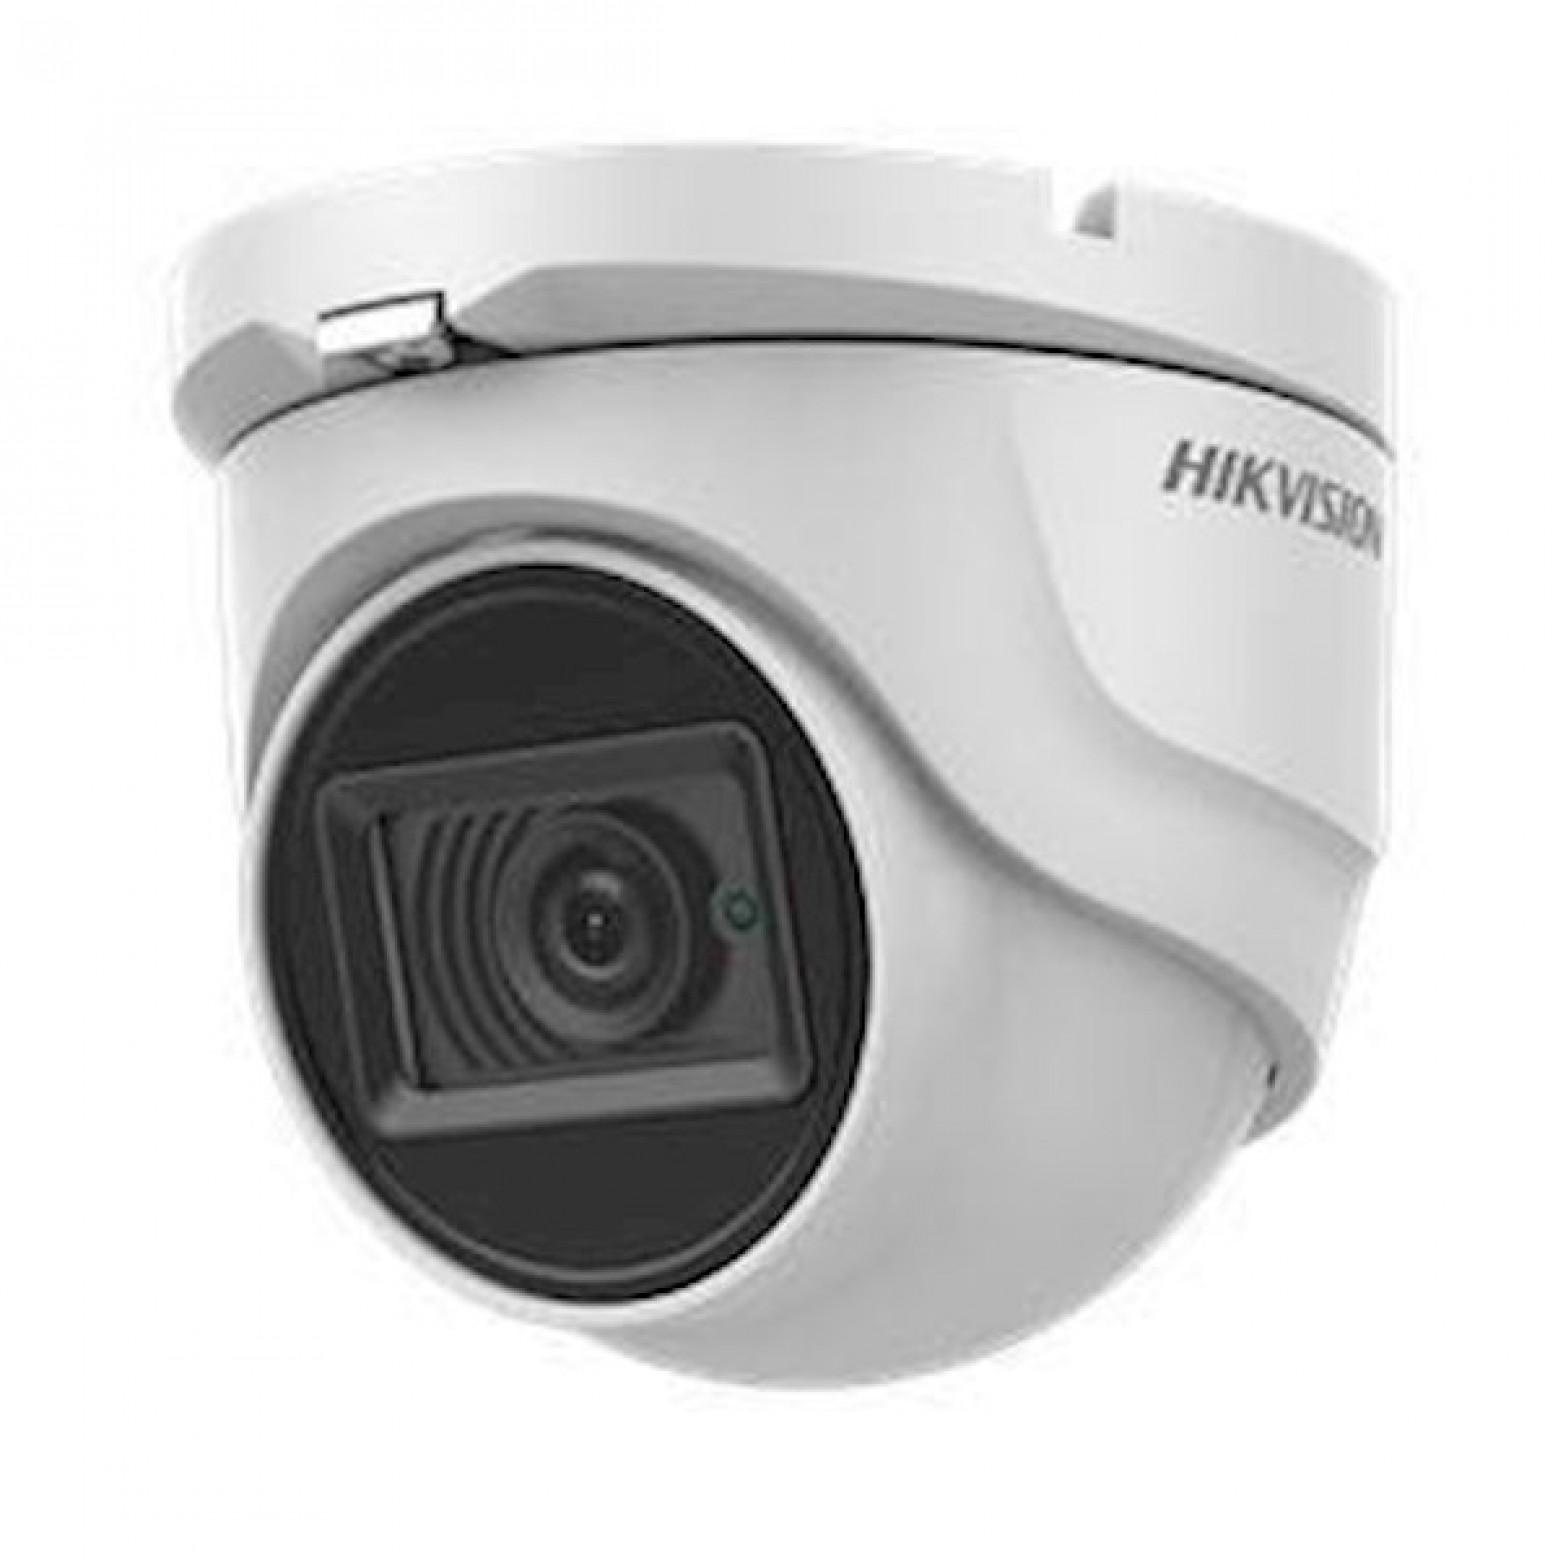 Hikvision DS-2CE78H8T-IT3F 5MP 2,8mm 60m IR